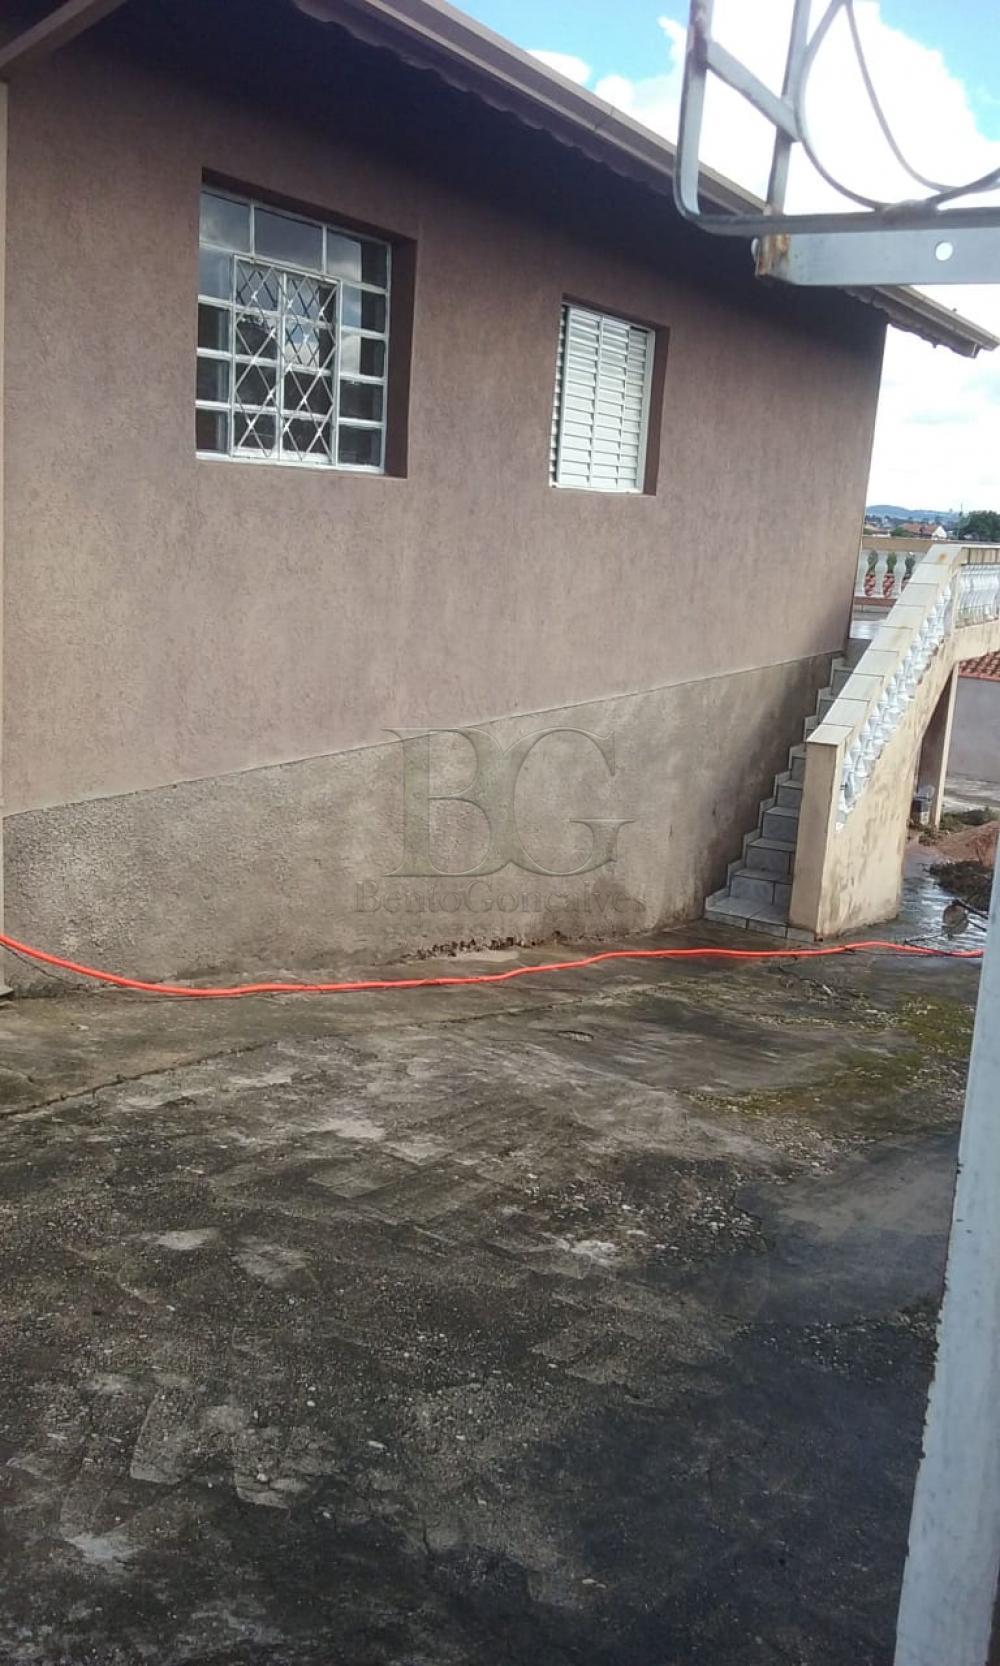 Comprar Casas / Padrão em Poços de Caldas apenas R$ 180.000,00 - Foto 3